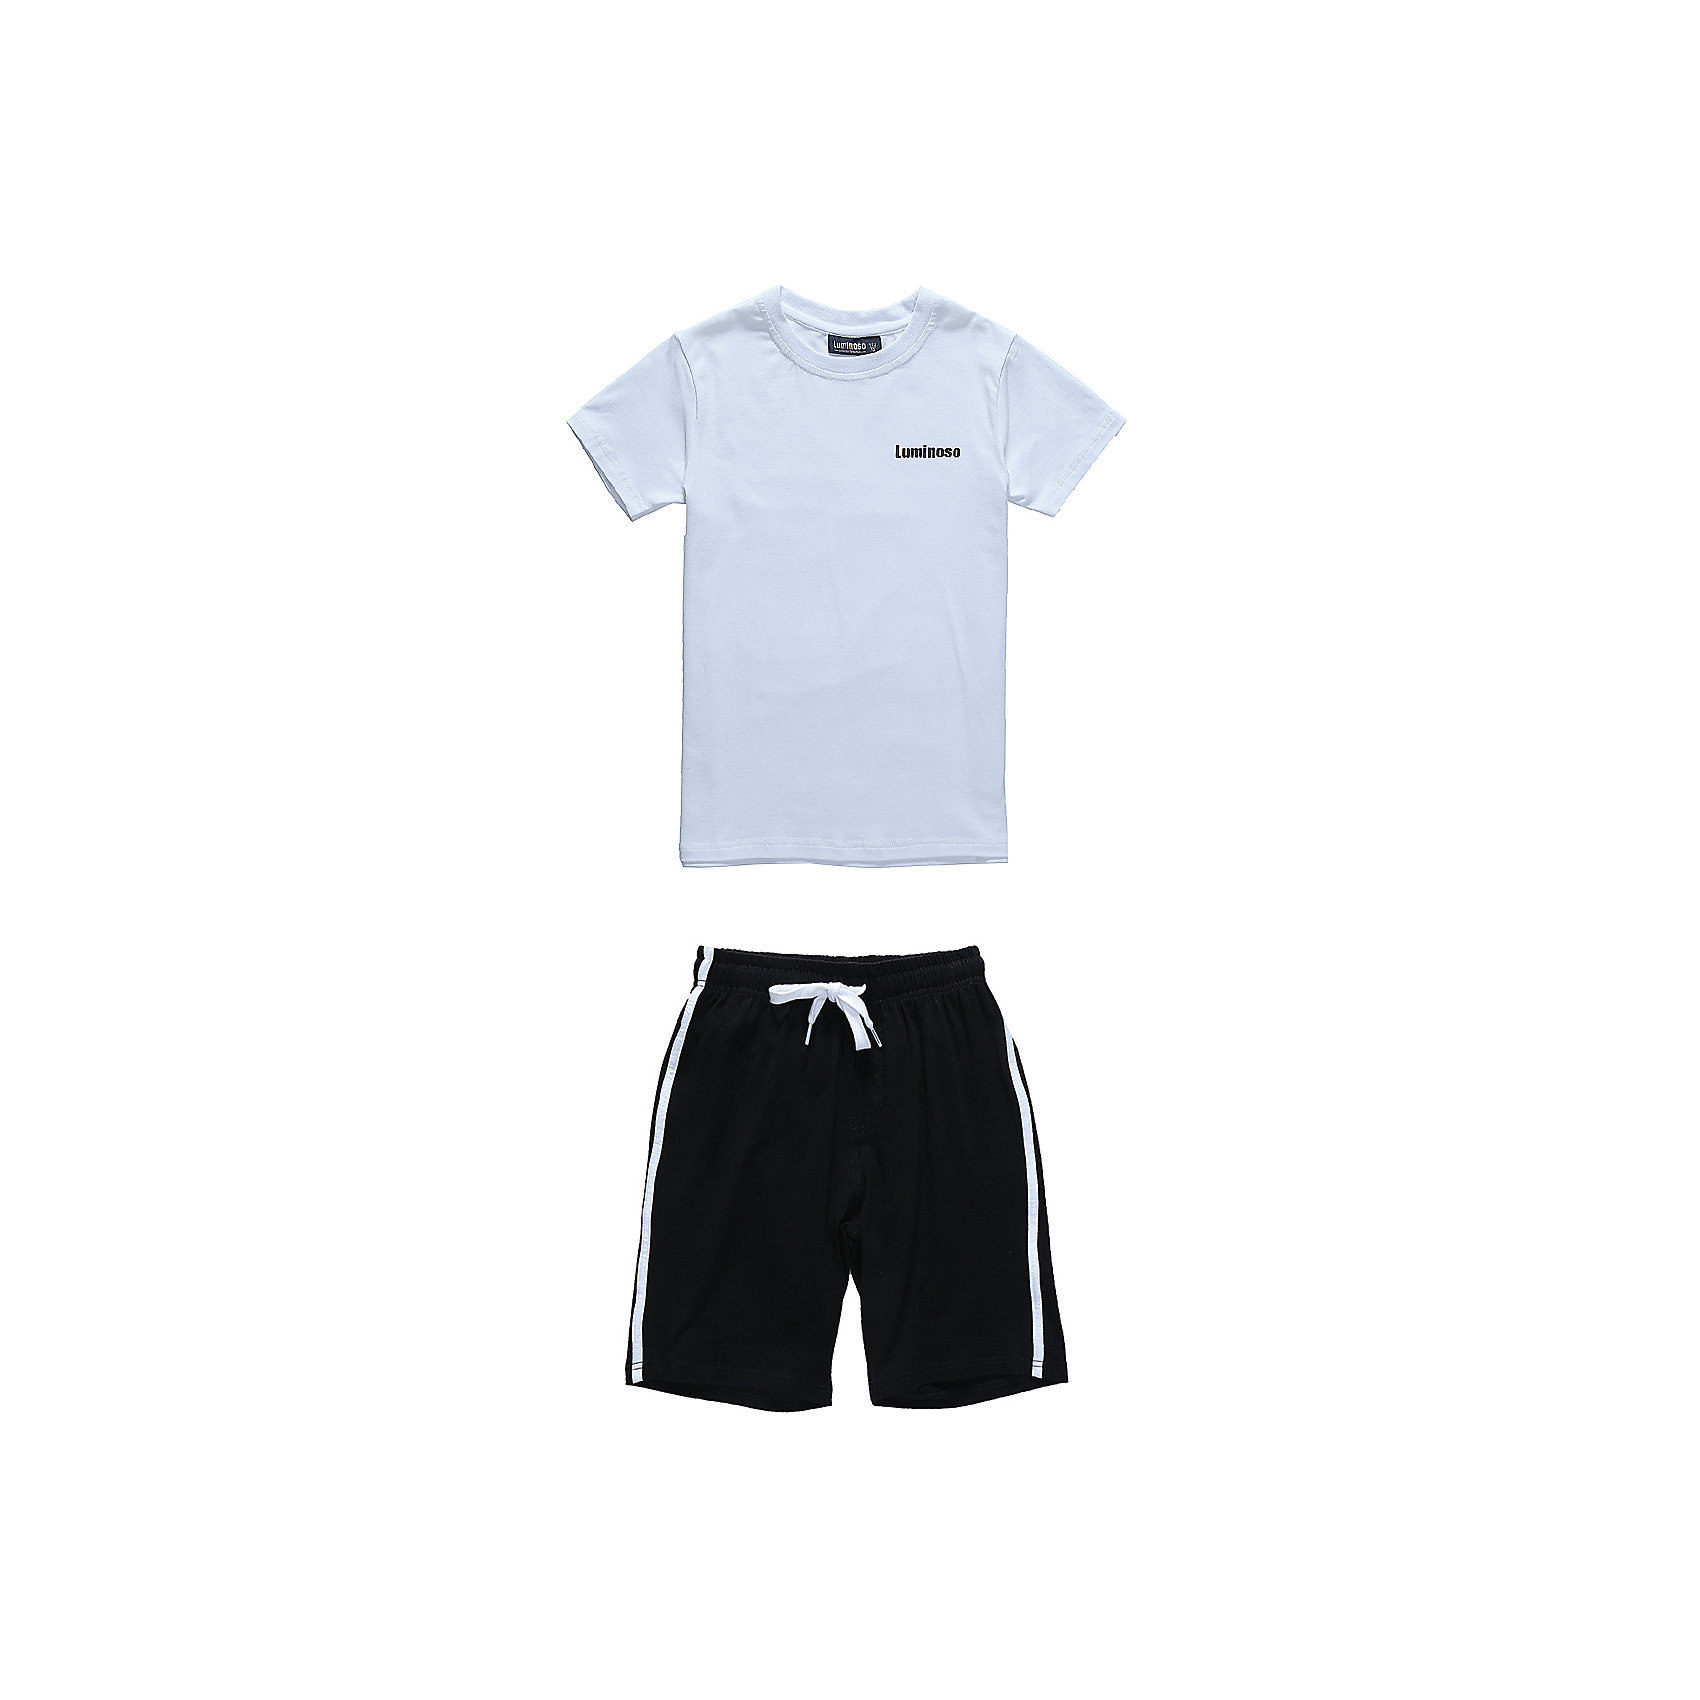 Комплект: футболка и шорты для мальчика LuminosoСпортивная форма<br>Характеристики товара:<br><br>• цвет: белый/черный<br>• состав: 95% хлопок, 5% эластан<br>• сезон: круглый год<br>• комплектация: футболка, шорты<br>• застежка: шнурок<br>• особенности: для занятий физкультурой/спортом<br>• страна бренда: Россия<br>• страна производства: Китай<br><br>Спортивный костюм для мальчика состоящий из трикотажной хлопковой футболки и шорт. Футболка прямого кроя. Шорты декорированный контрастными лампасами. Шорты на резинке, дополнительно регулируются шнурком.<br><br>Комплект: футболка и шорты для мальчика Luminoso (Люминосо) можно купить в нашем интернет-магазине.<br><br>Ширина мм: 191<br>Глубина мм: 10<br>Высота мм: 175<br>Вес г: 273<br>Цвет: белый<br>Возраст от месяцев: 132<br>Возраст до месяцев: 144<br>Пол: Мужской<br>Возраст: Детский<br>Размер: 152,158,164,122,128,134,140,146<br>SKU: 6672563